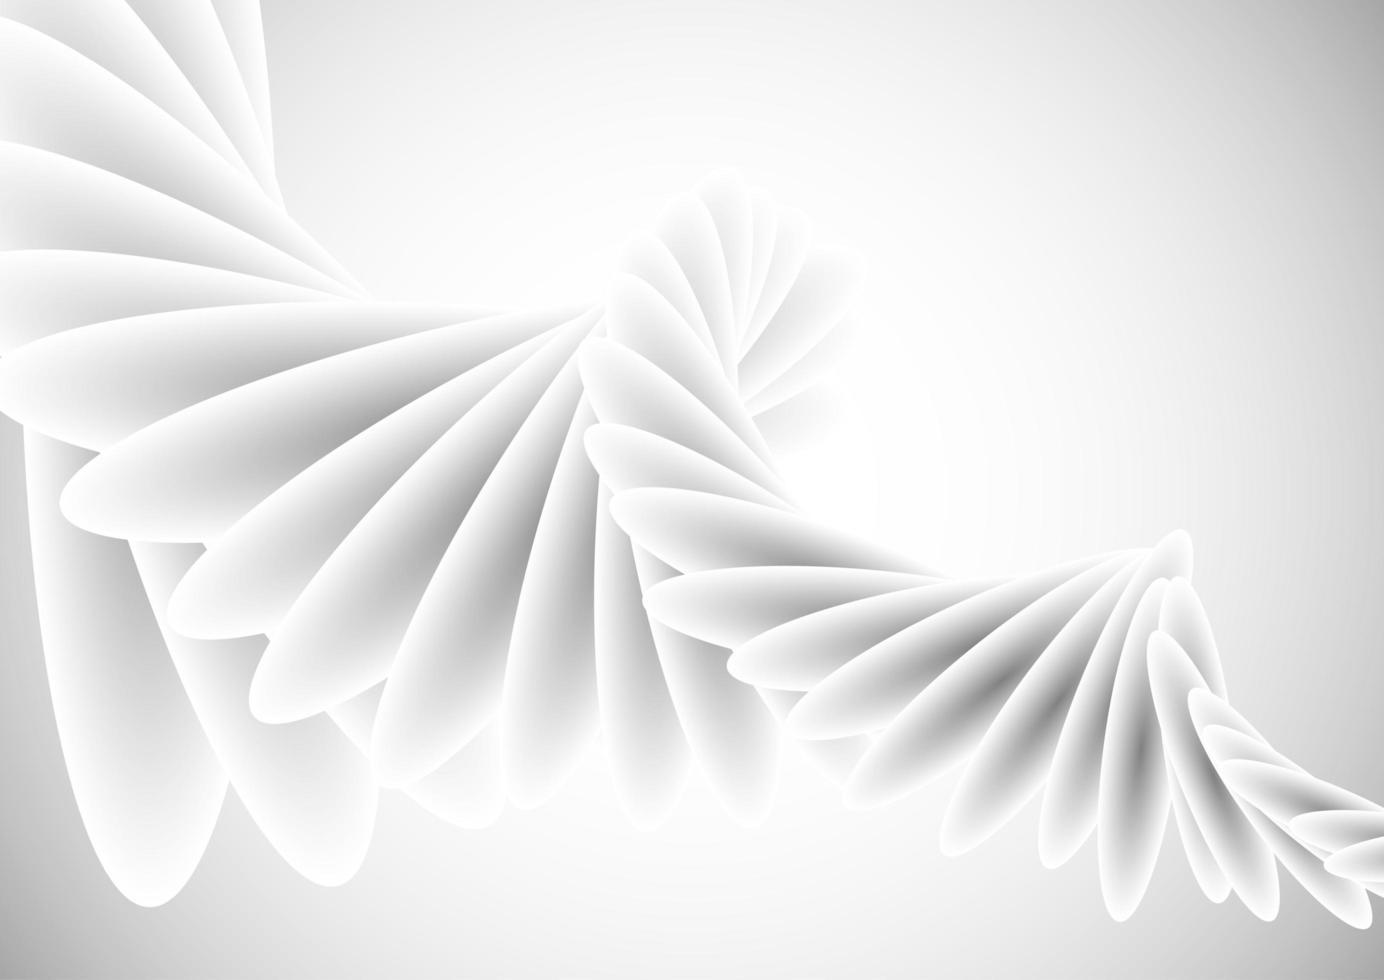 spirale astratto bianco design sfondo vettore